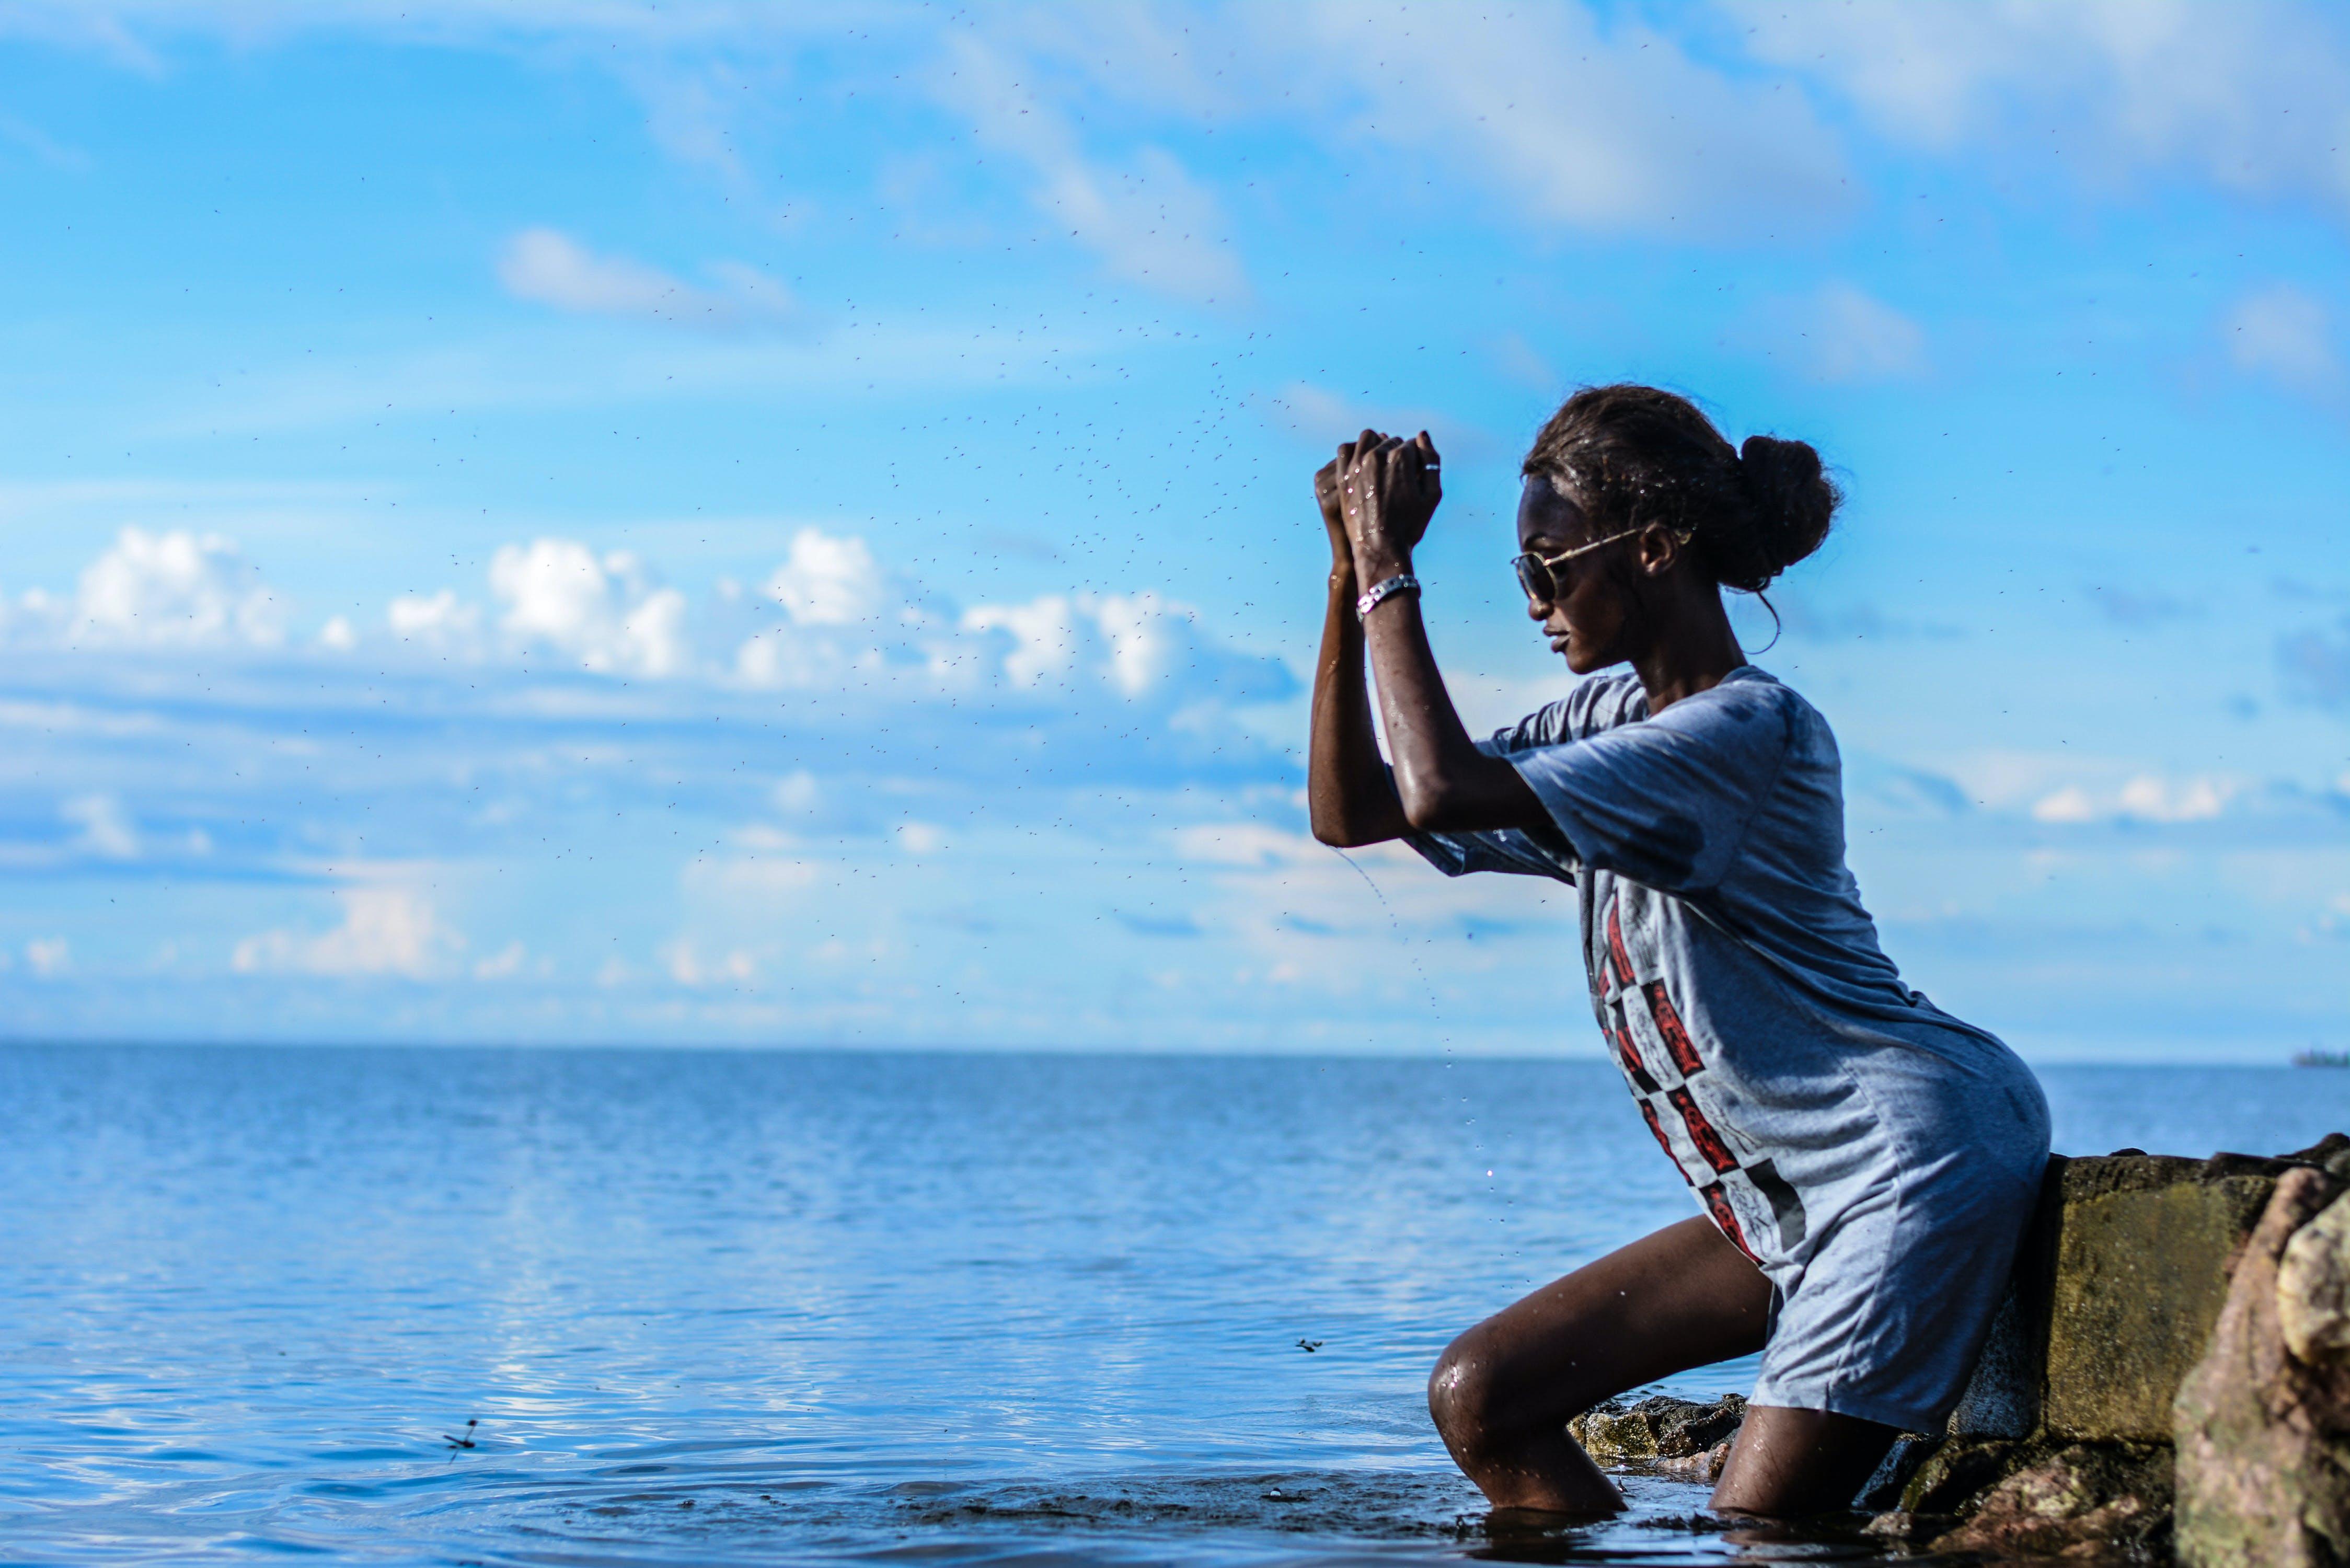 人, 女性, 岩, 水の無料の写真素材